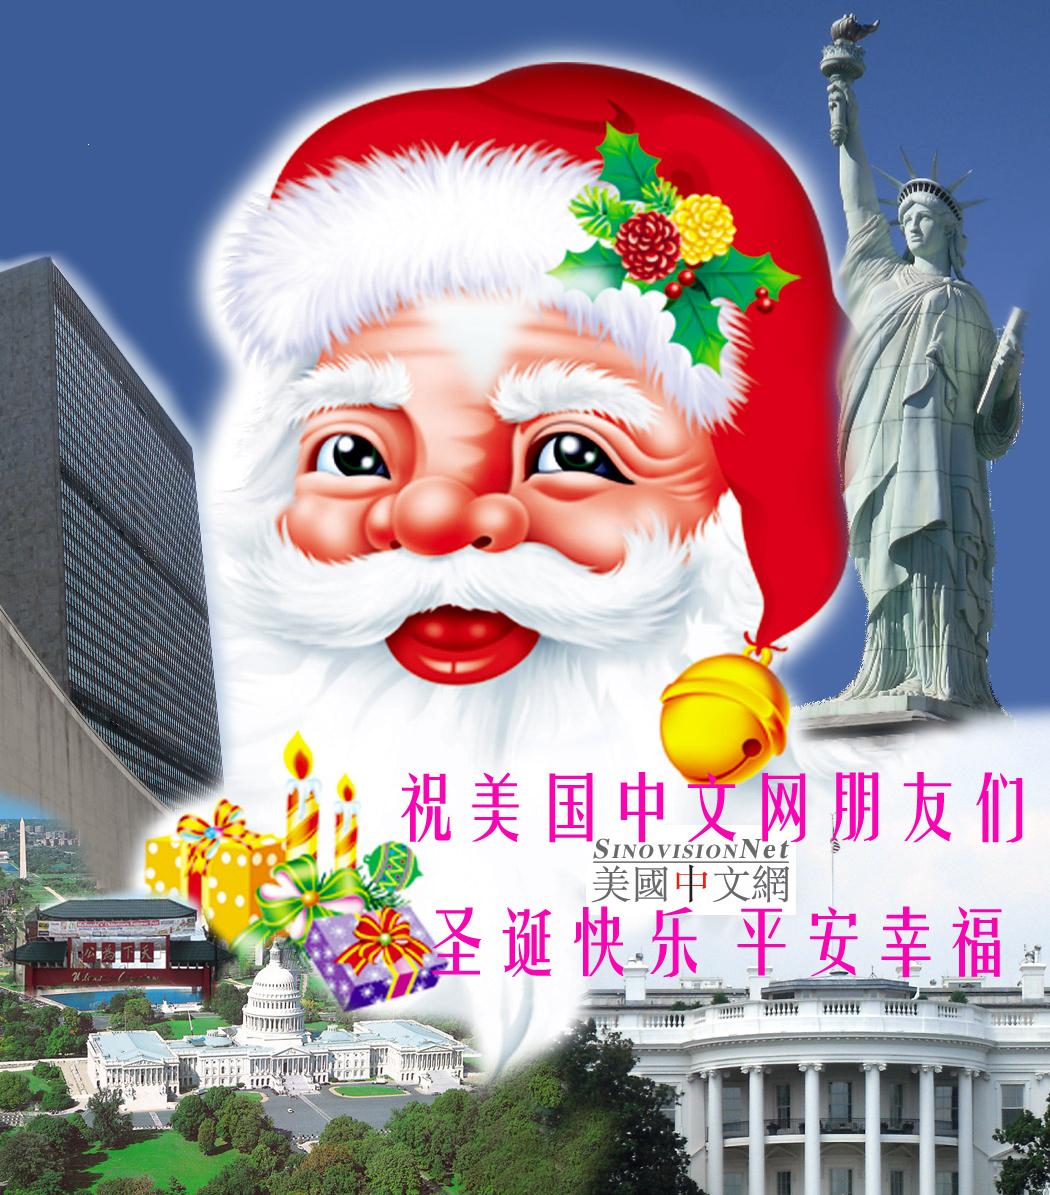 祝美国中文网朋友们圣诞快乐!_图1-1